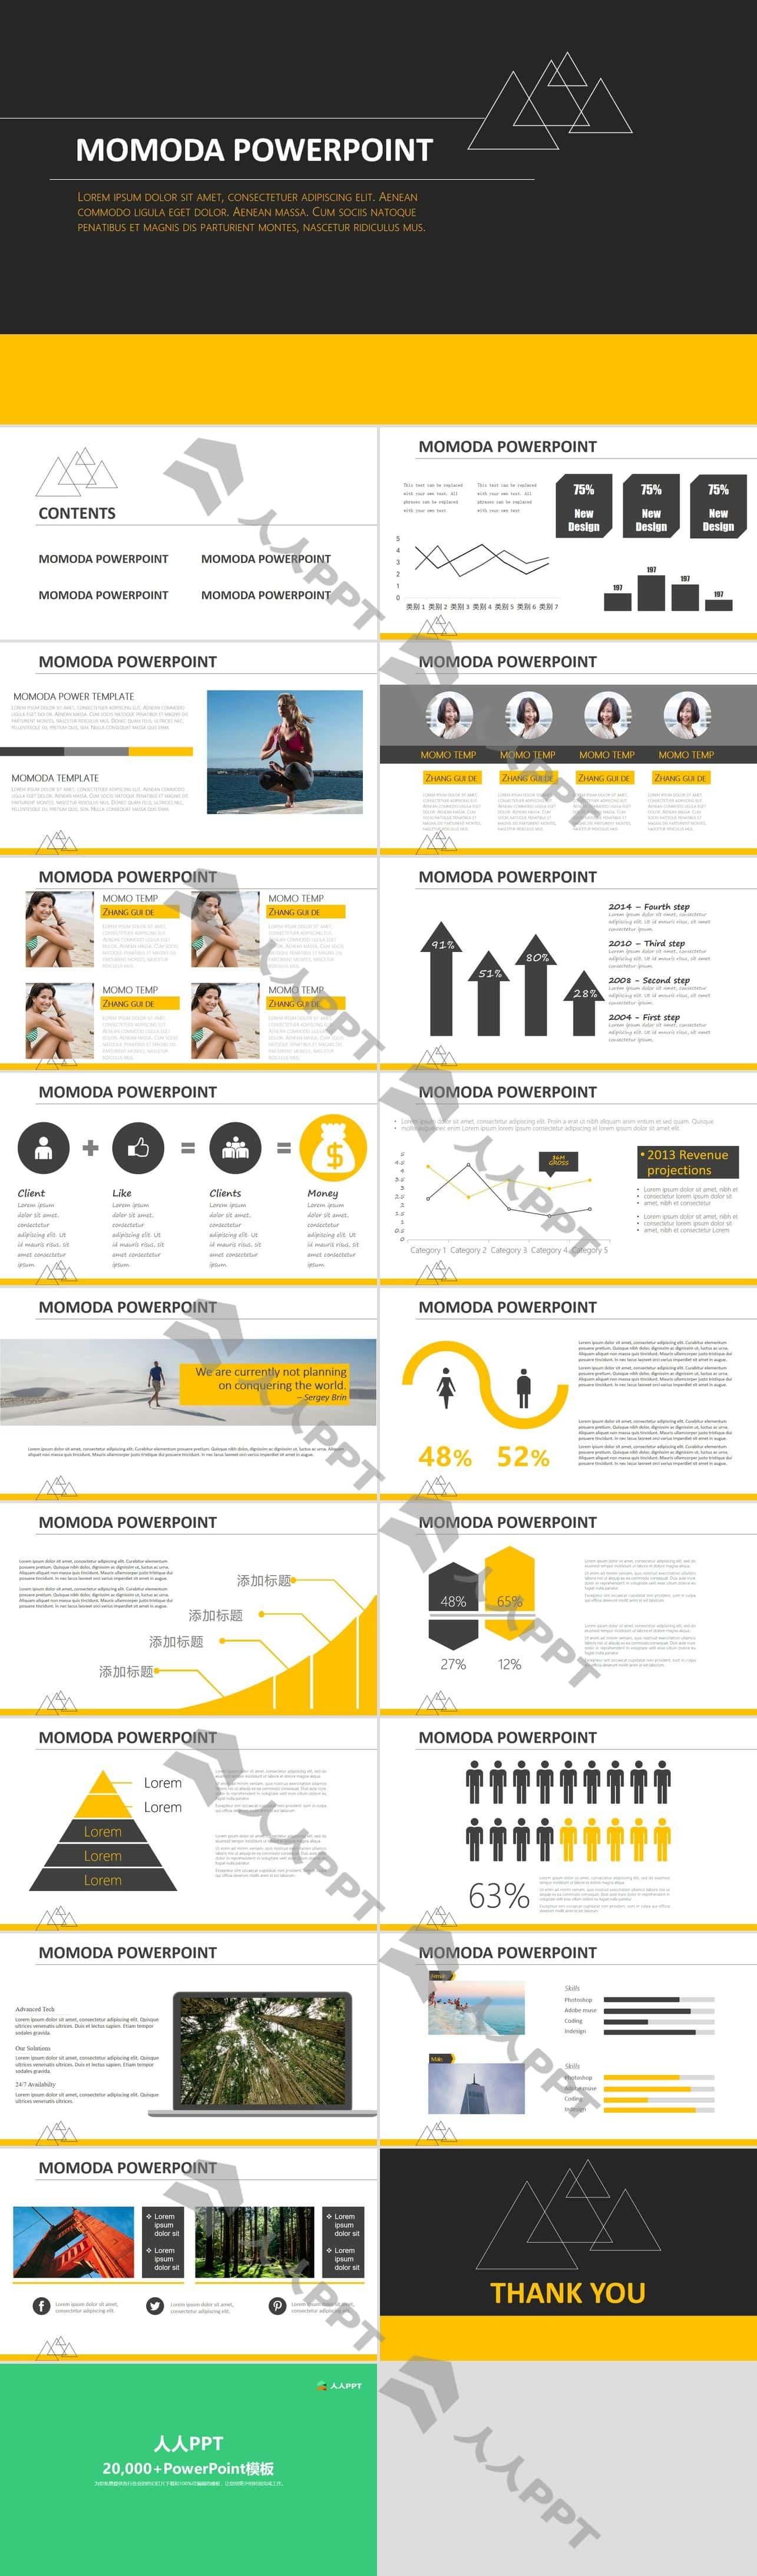 黑黄配色时尚欧美风PPT模板长图